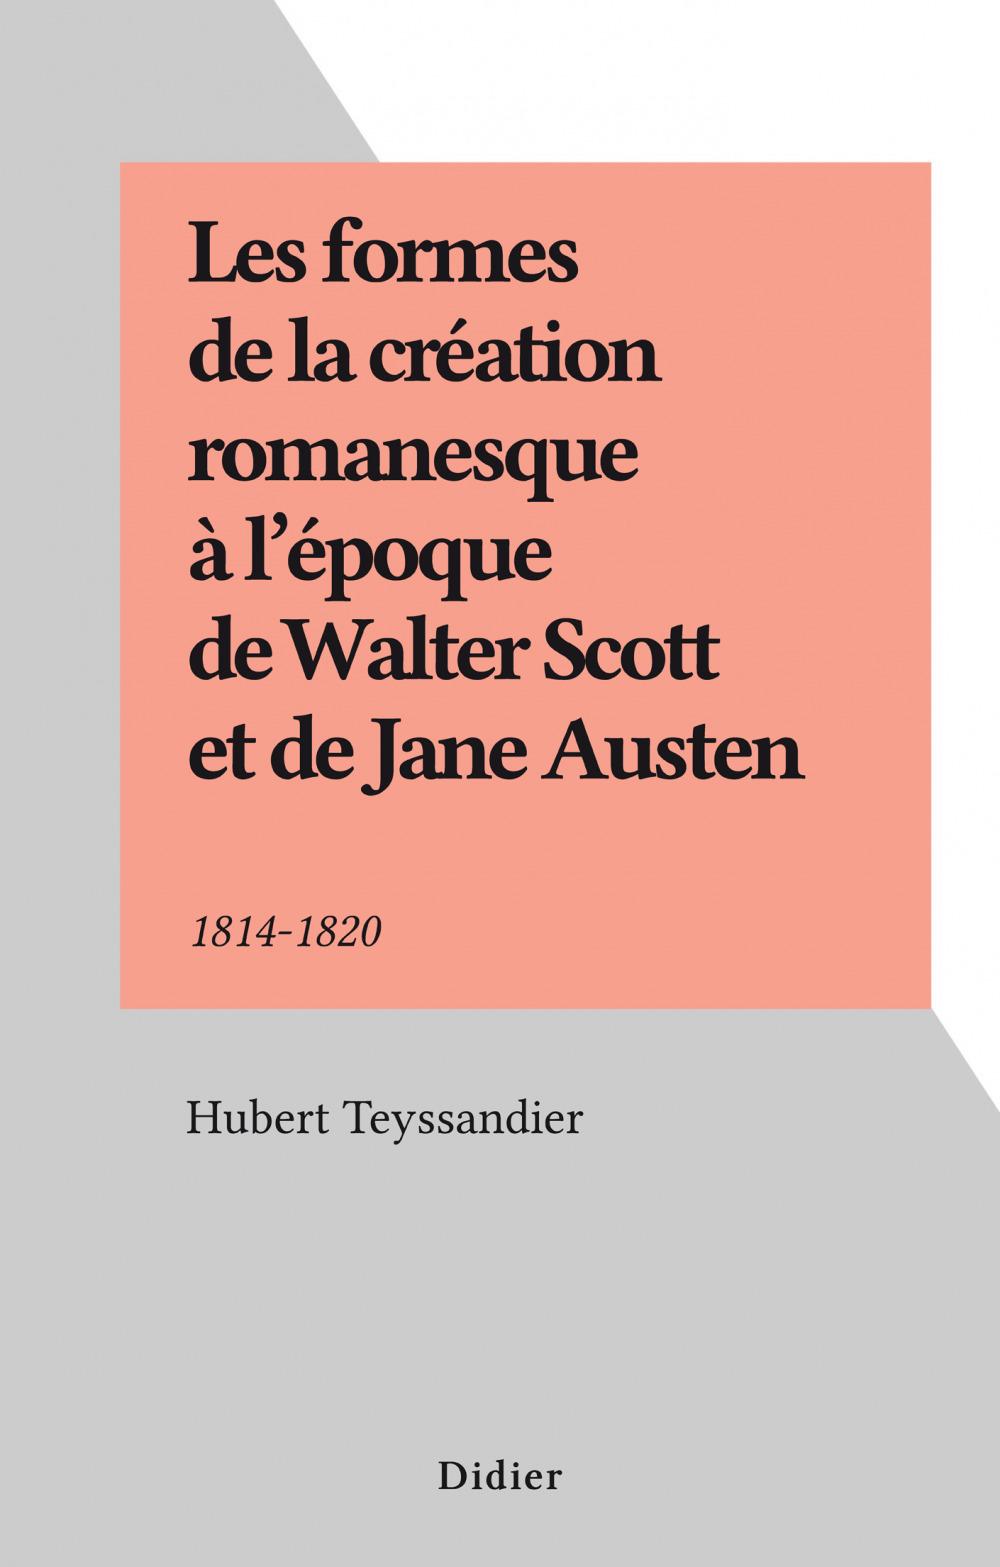 Les formes de la création romanesque à l'époque de Walter Scott et de Jane Austen